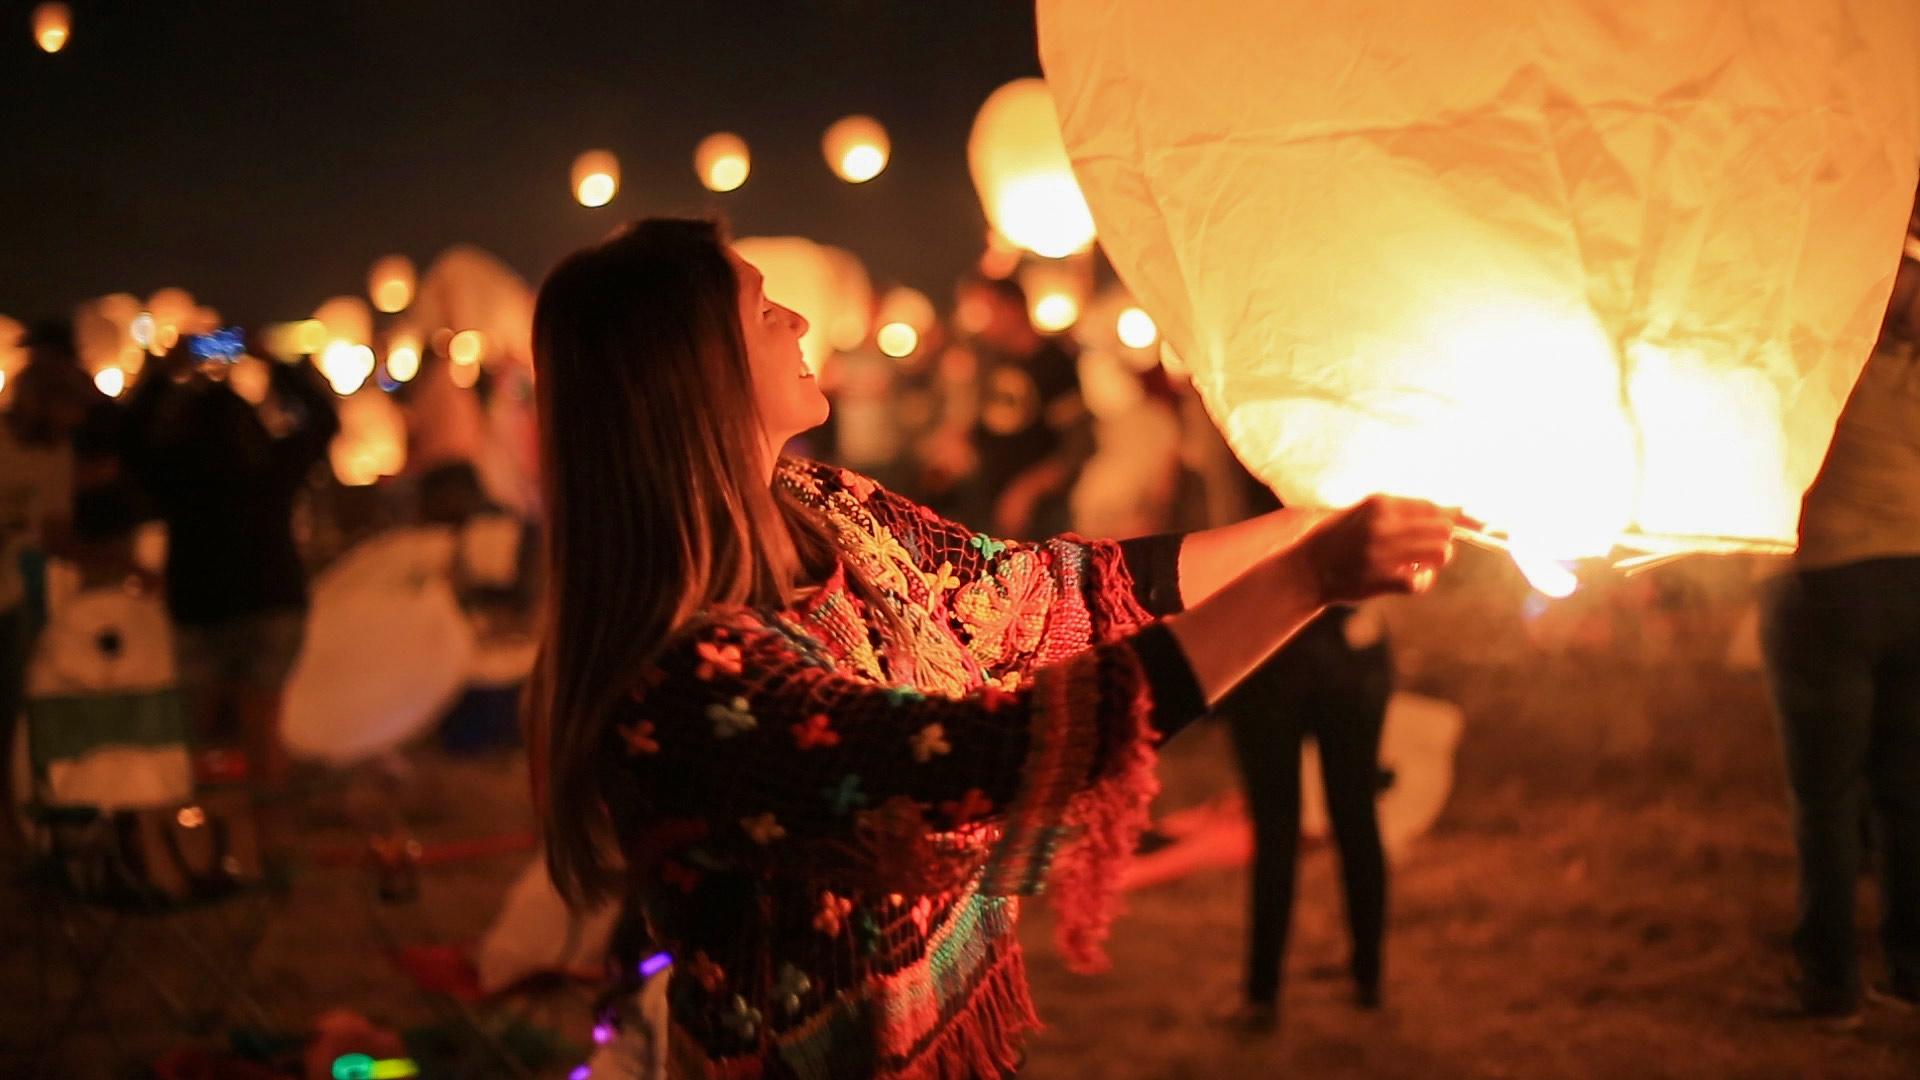 Experiencing The Lights Festival In San Antonio Texas